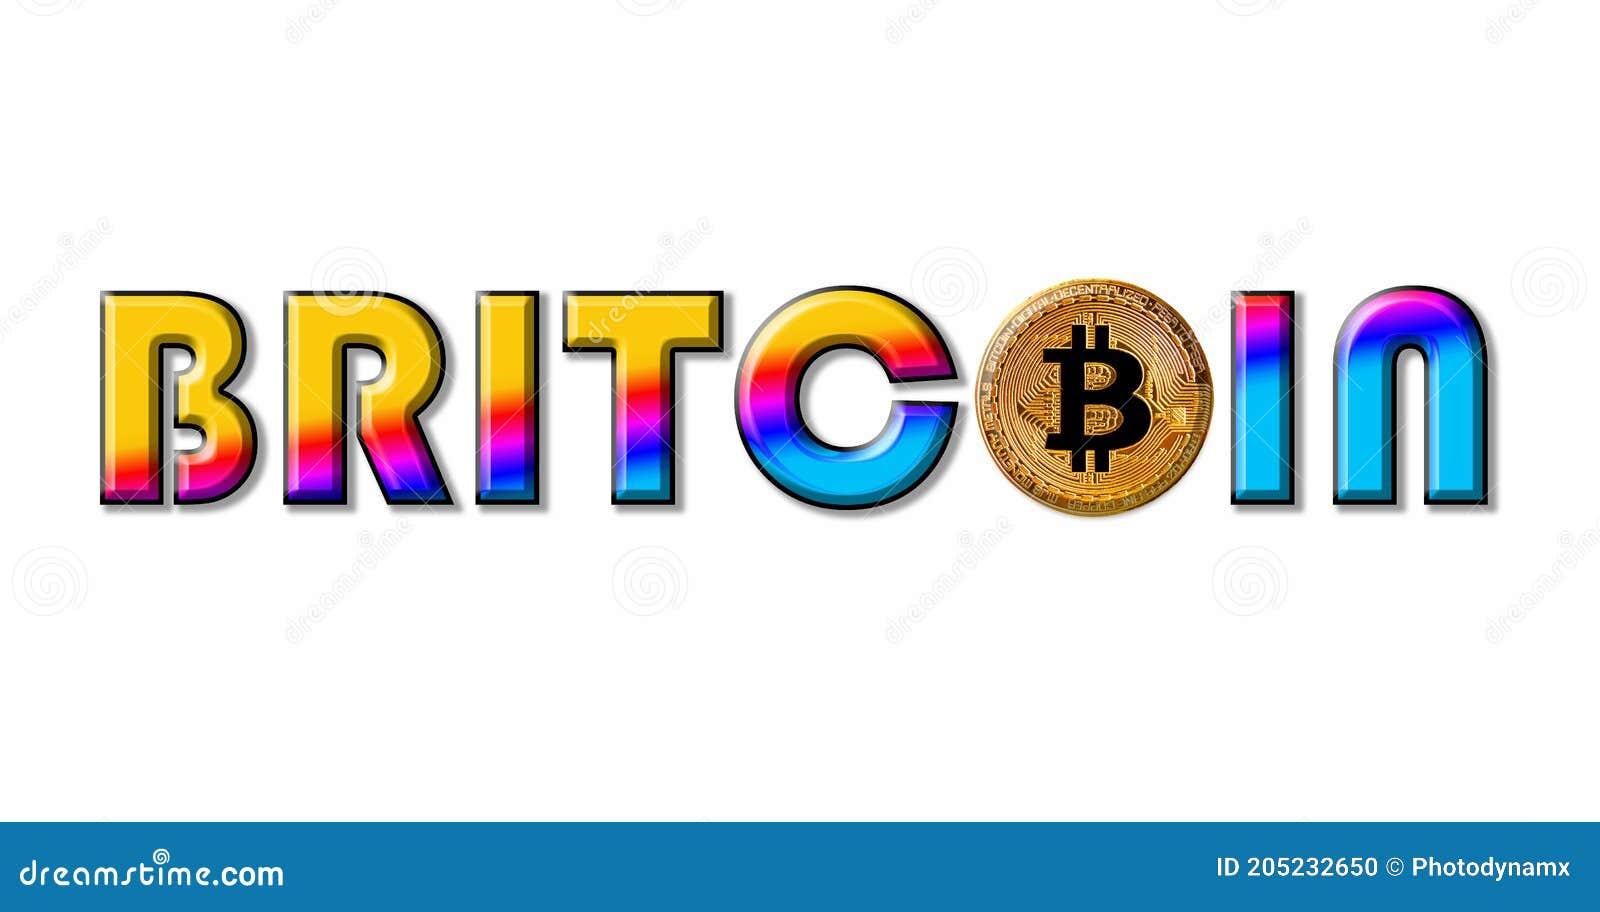 bitcoin cash uk